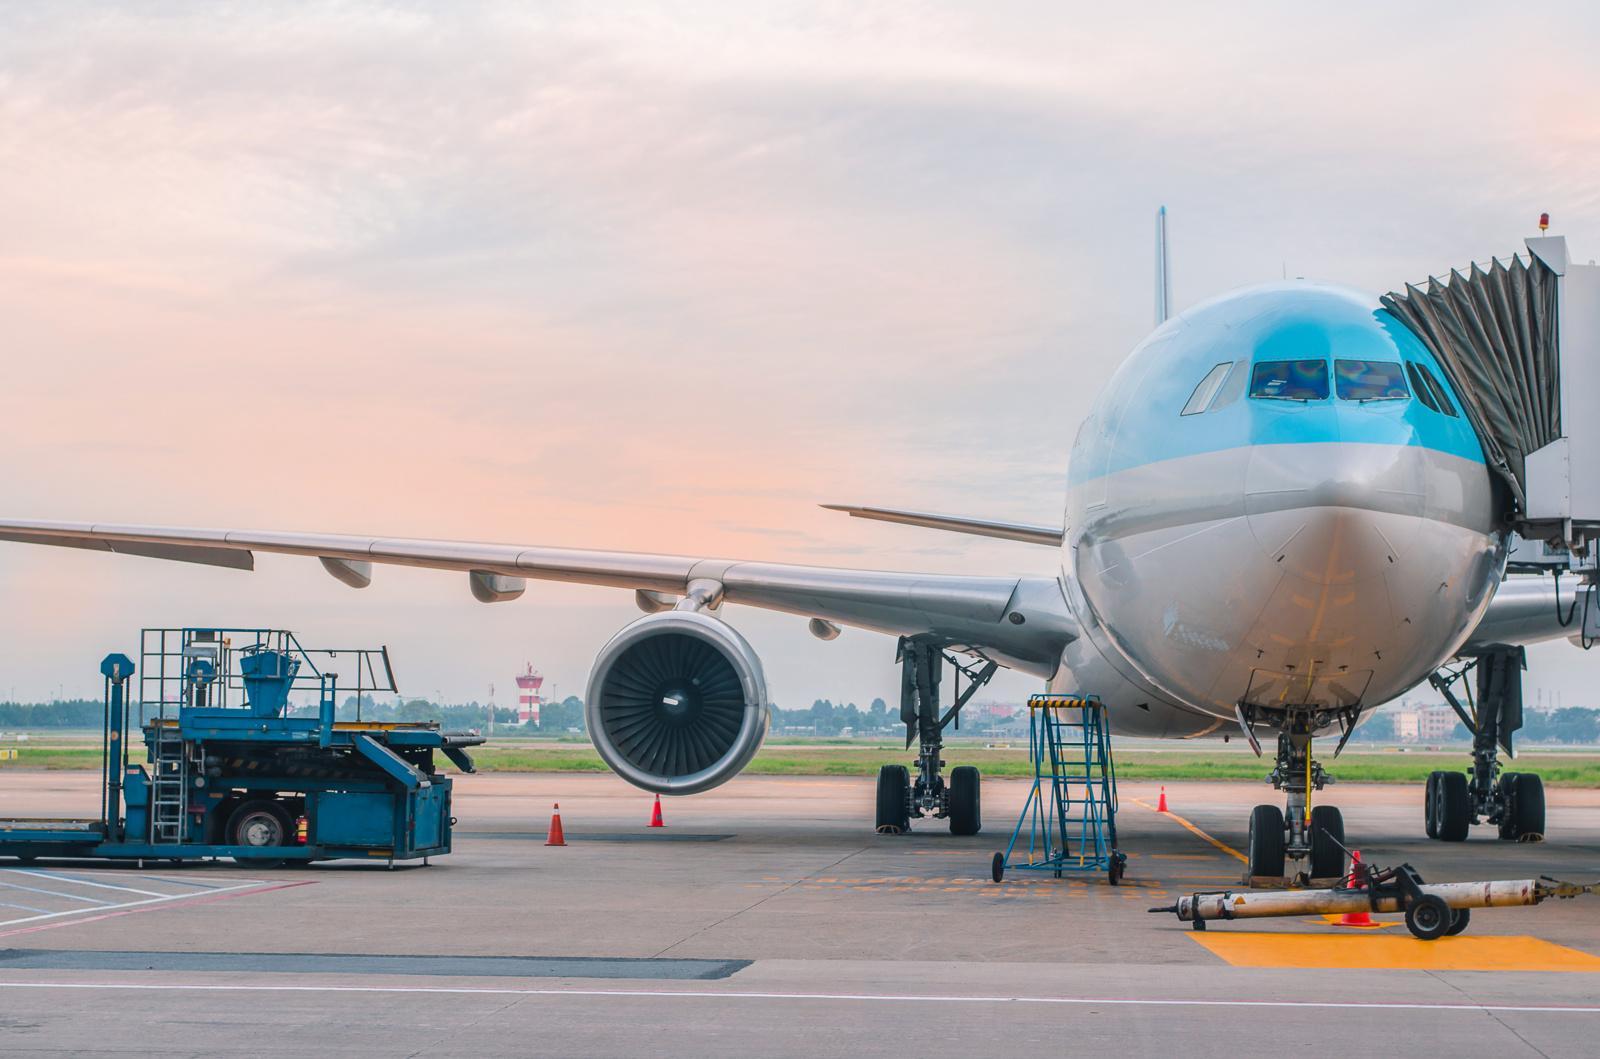 Ekonominiai koronaviruso simptomai Baltijos šalyse: vėluojančios siuntos ir brangesnis gabenimas